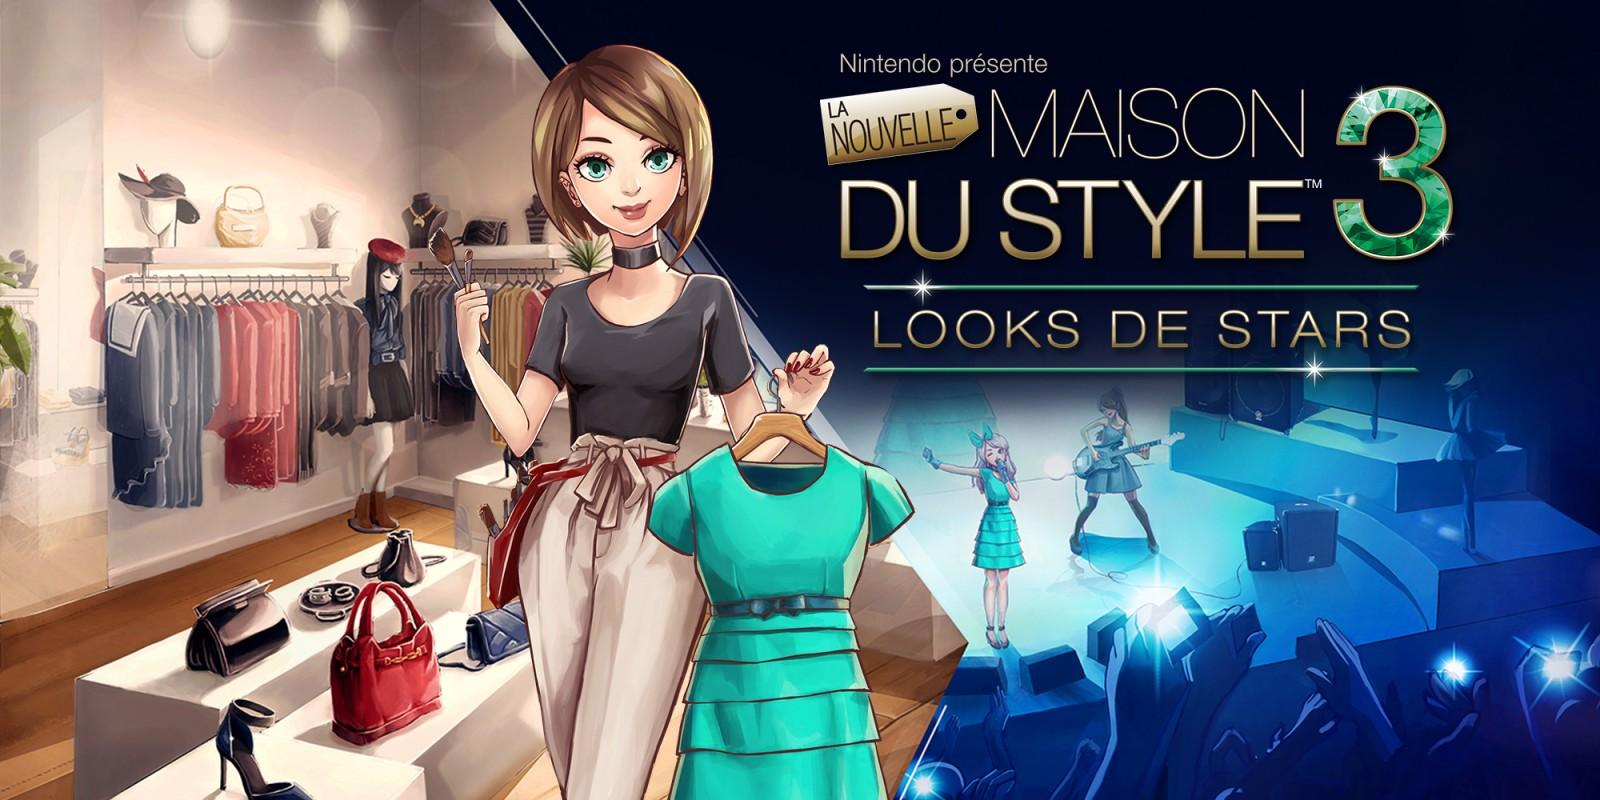 Nintendo Presente La Nouvelle Maison Du Style